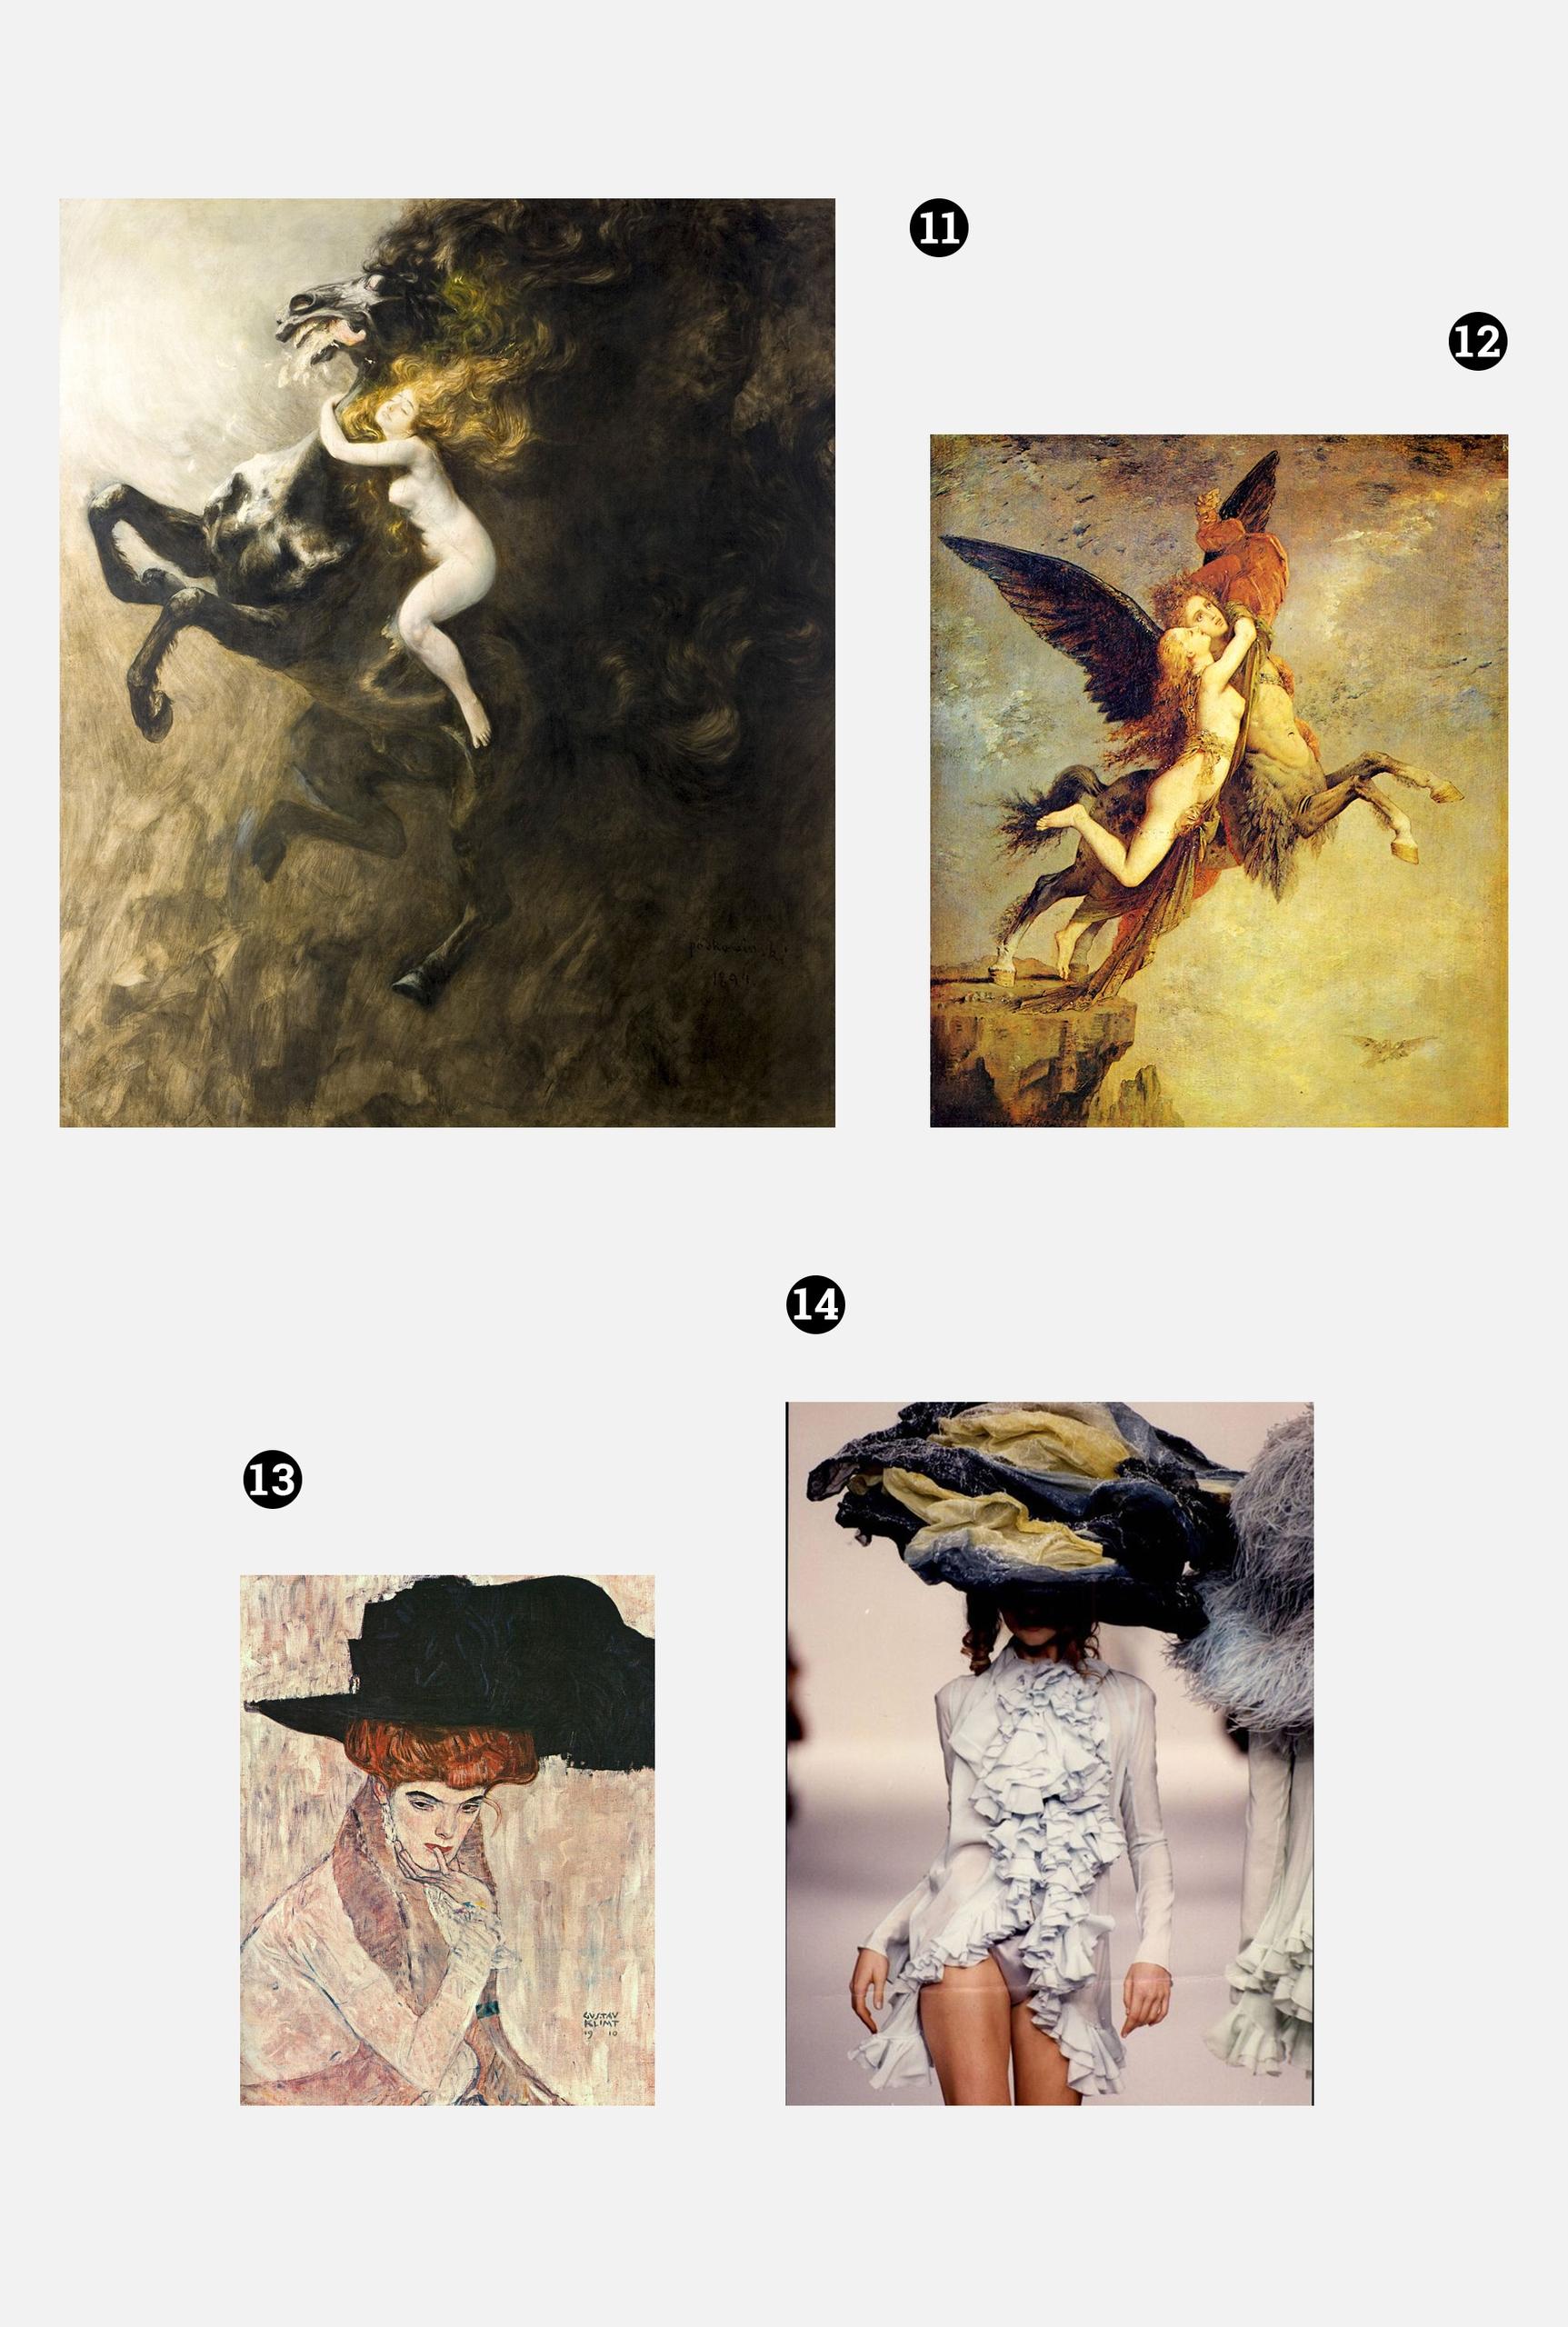 Obraz przedstawia trzy zdjęcia dzieł znanych artystów i jedno zdjęcie modelki w wielkim kapeluszu. Całość na szarym tle.